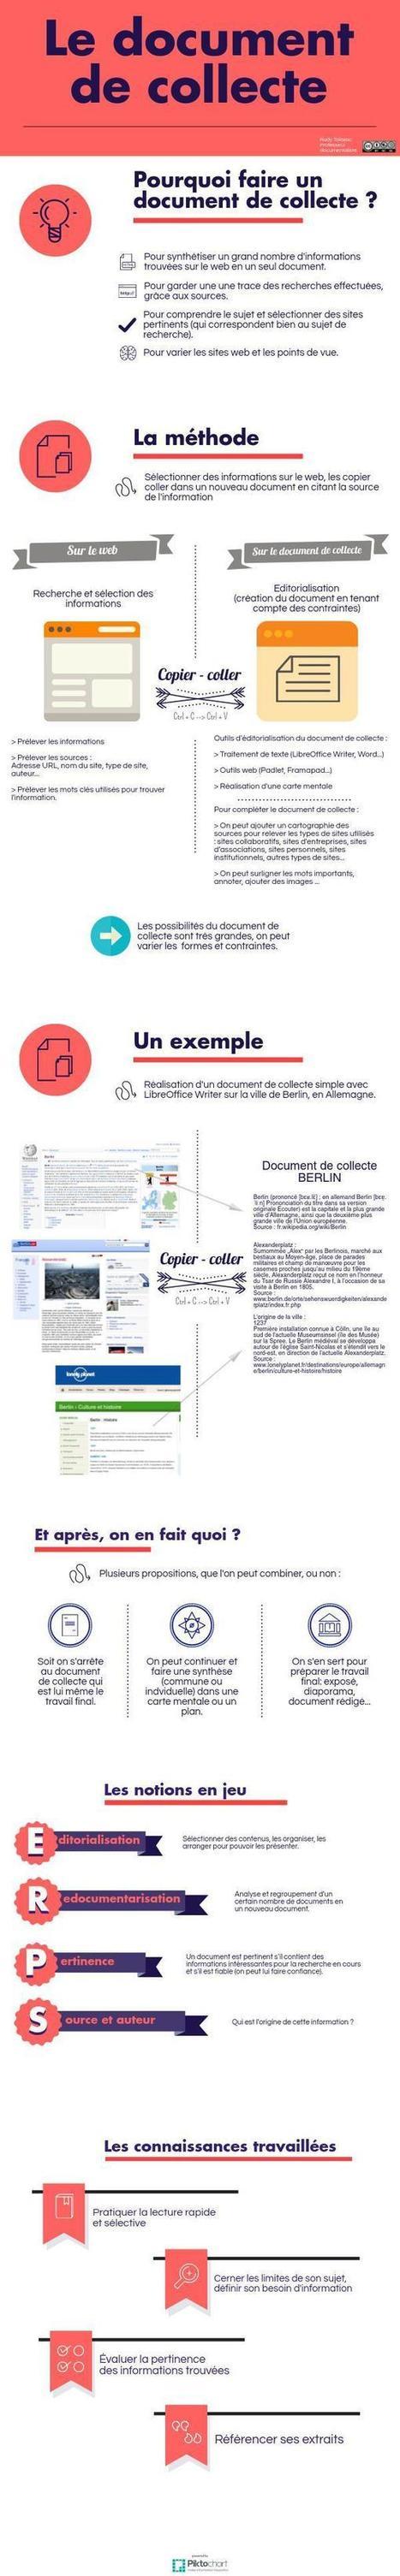 Document de collecte par Rudy Talazac   Le document de collecte   Scoop.it